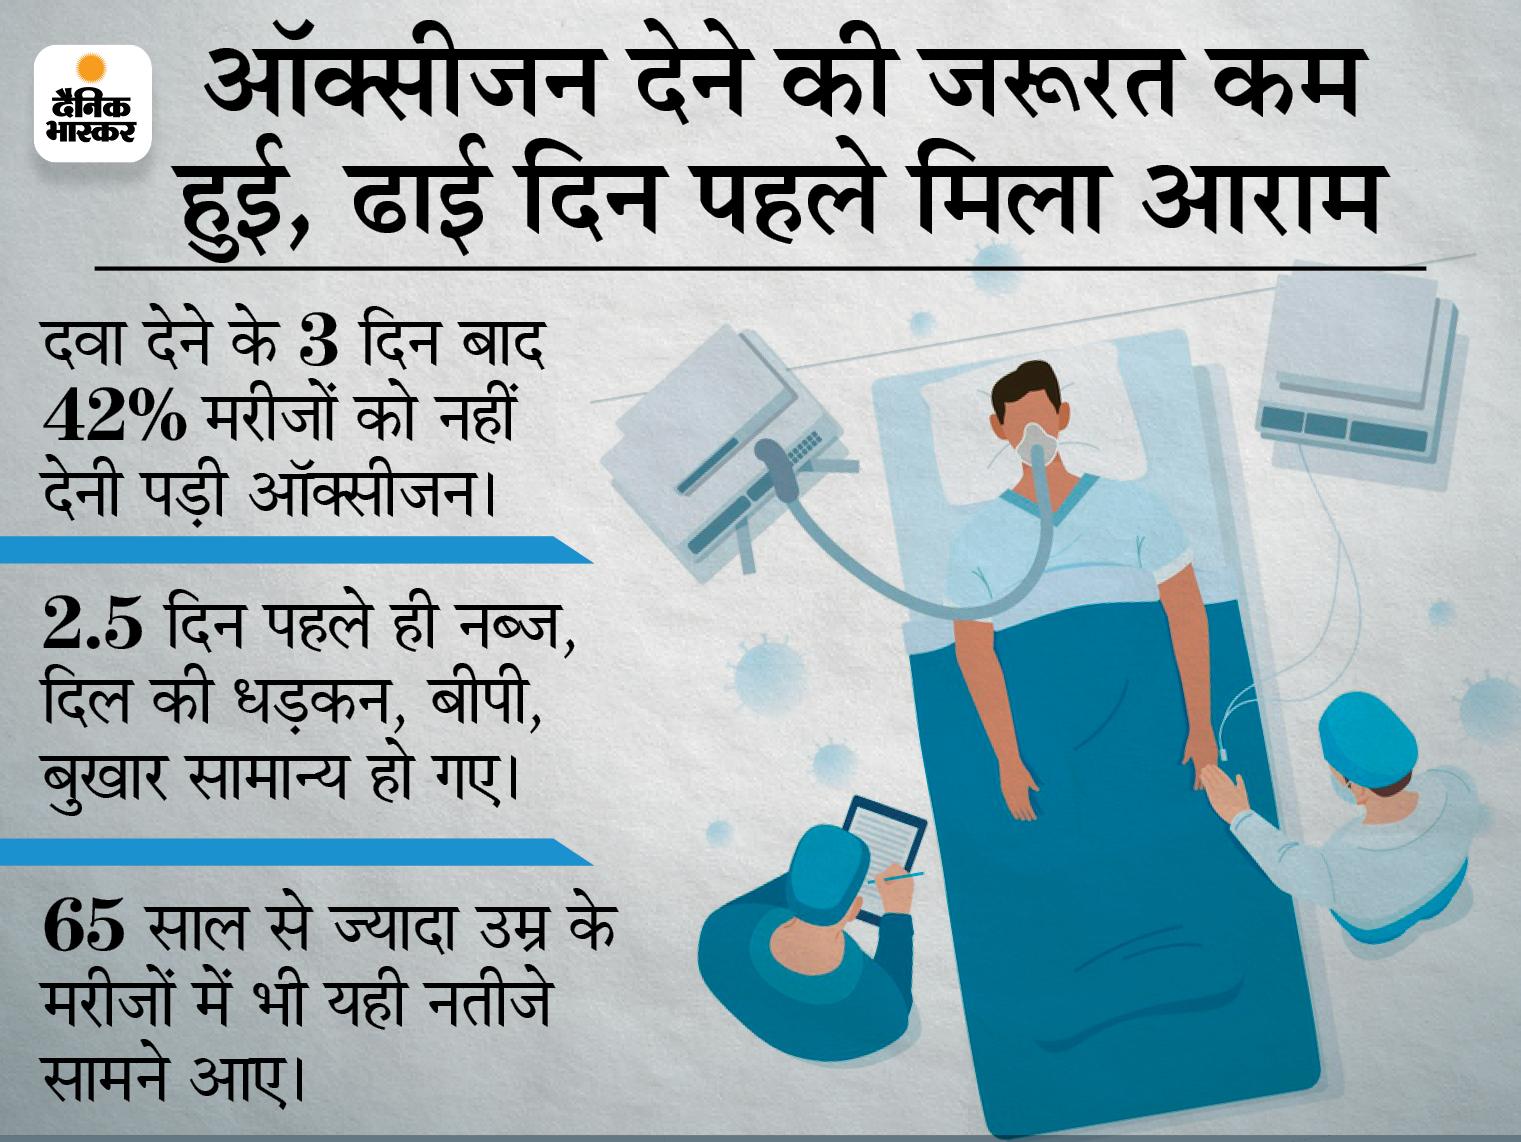 वायरस की एनर्जी काट देती है DRDO की दवा; जानिए बाजार में कब तक आएगी और क्या होगी इसकी कीमत|ज़रुरत की खबर,Zaroorat ki Khabar - Dainik Bhaskar